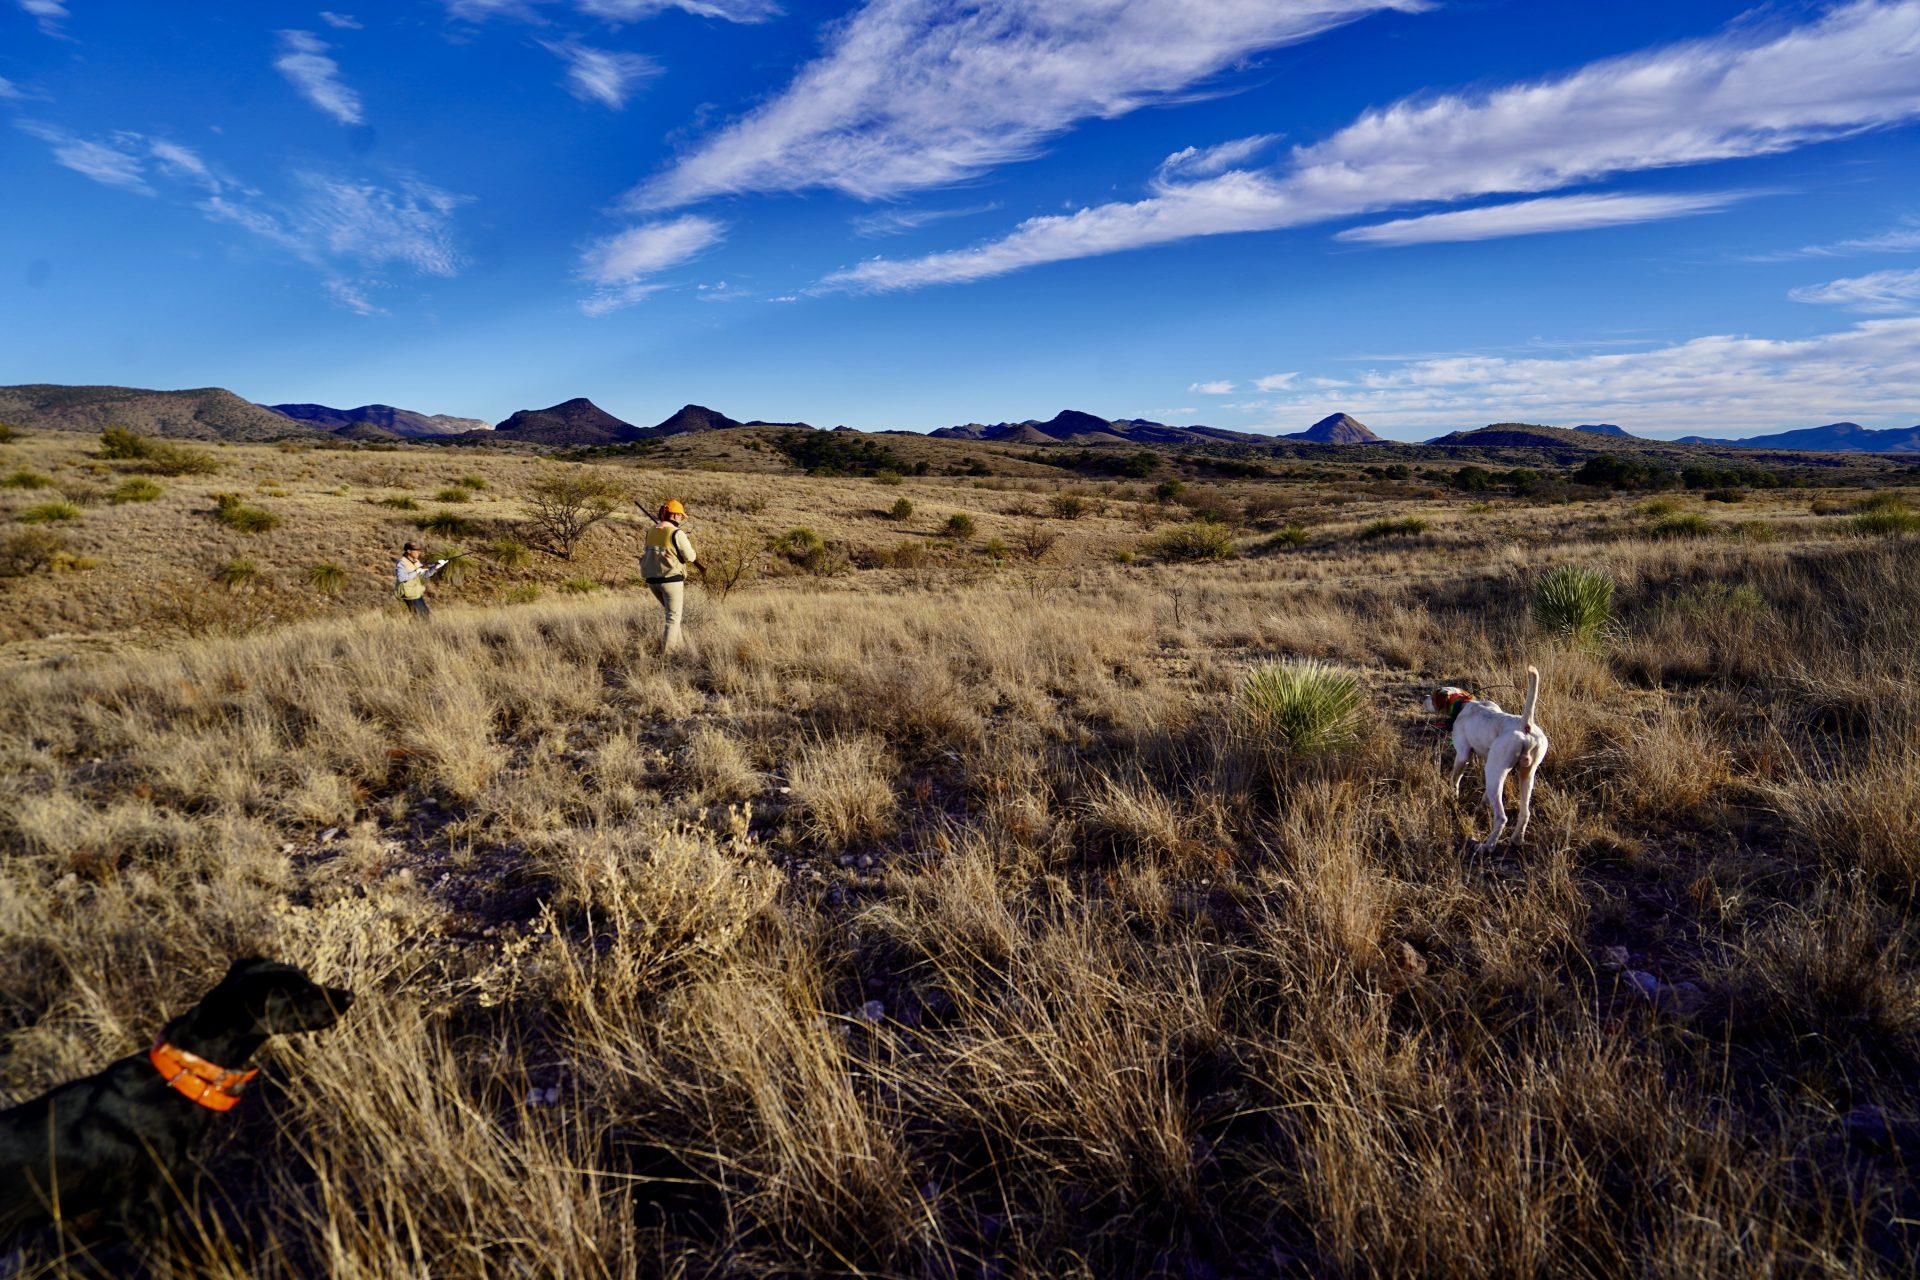 Arizona Quail Hunting